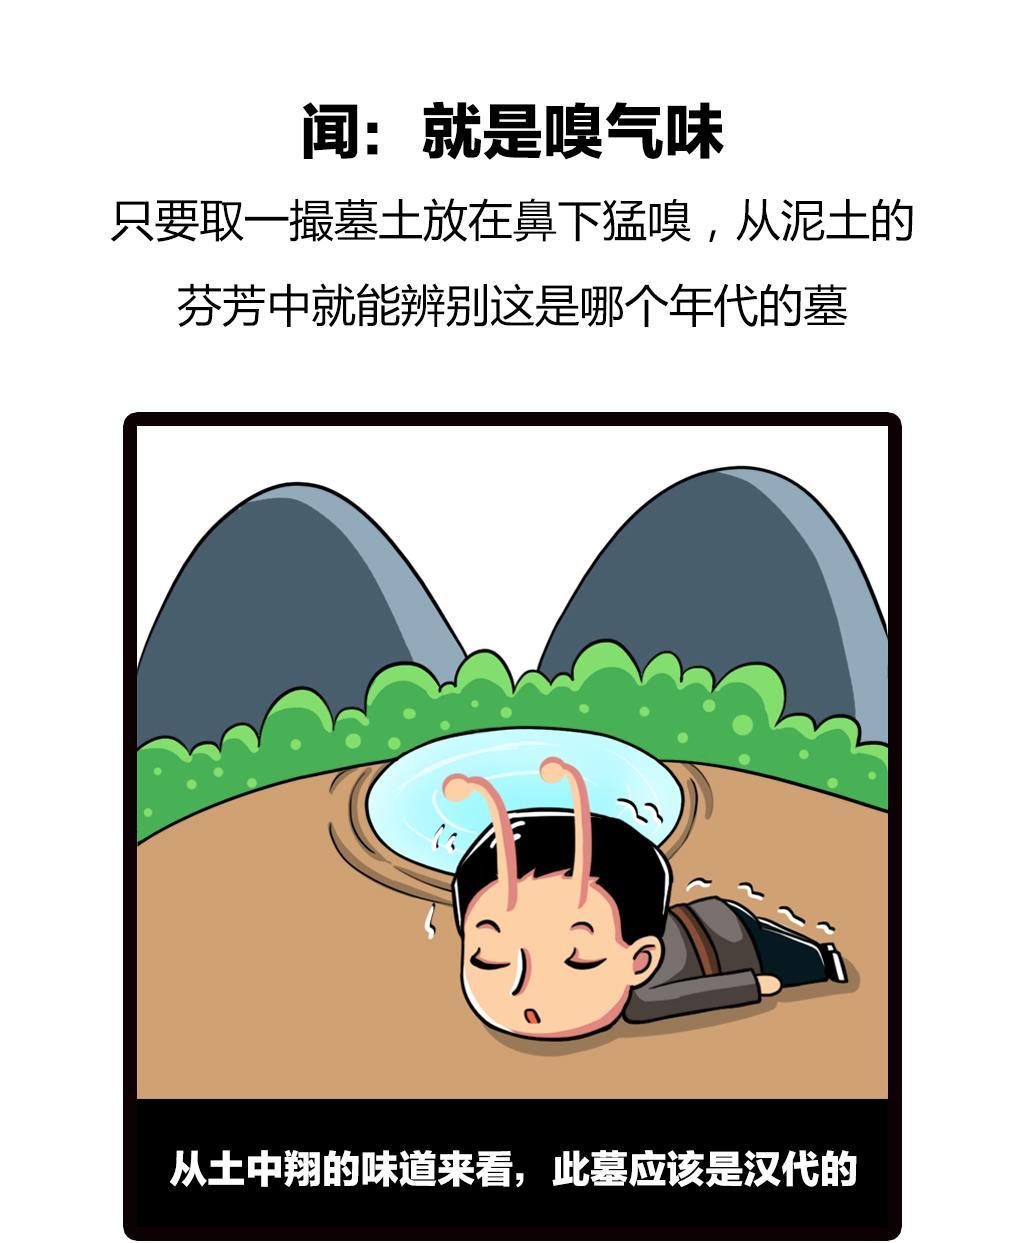 盗亦有道!一篇漫画看懂盗墓那点事w漫画图片图片